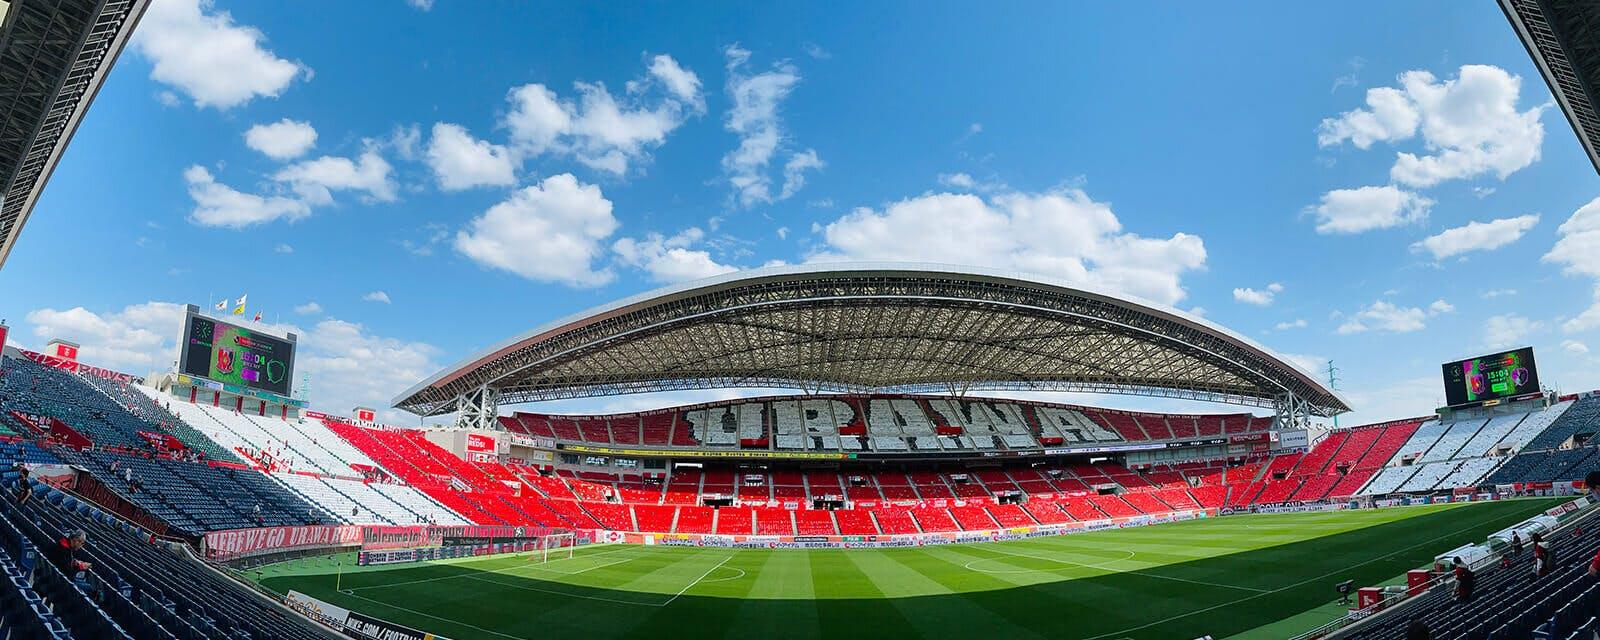 2021 Jリーグ 第7節 埼玉スタジアム2002 鹿島アントラーズ戦 試合前スタジアムの様子